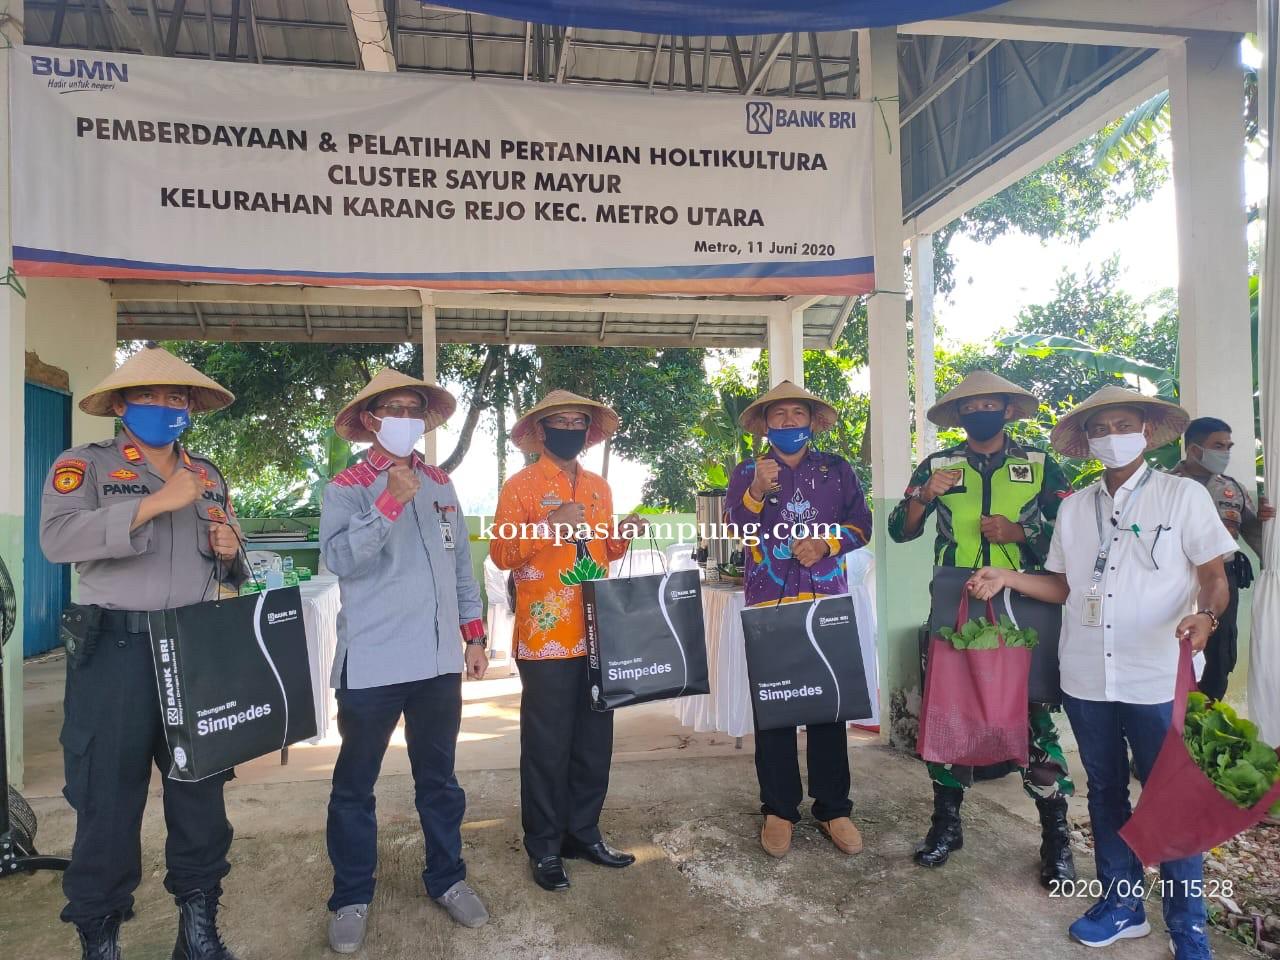 BRI Sudirman Kota Metro Lakukan Pemberdayaan Dan Pelatihan Pertanian Di Kelurahan Karangrejo